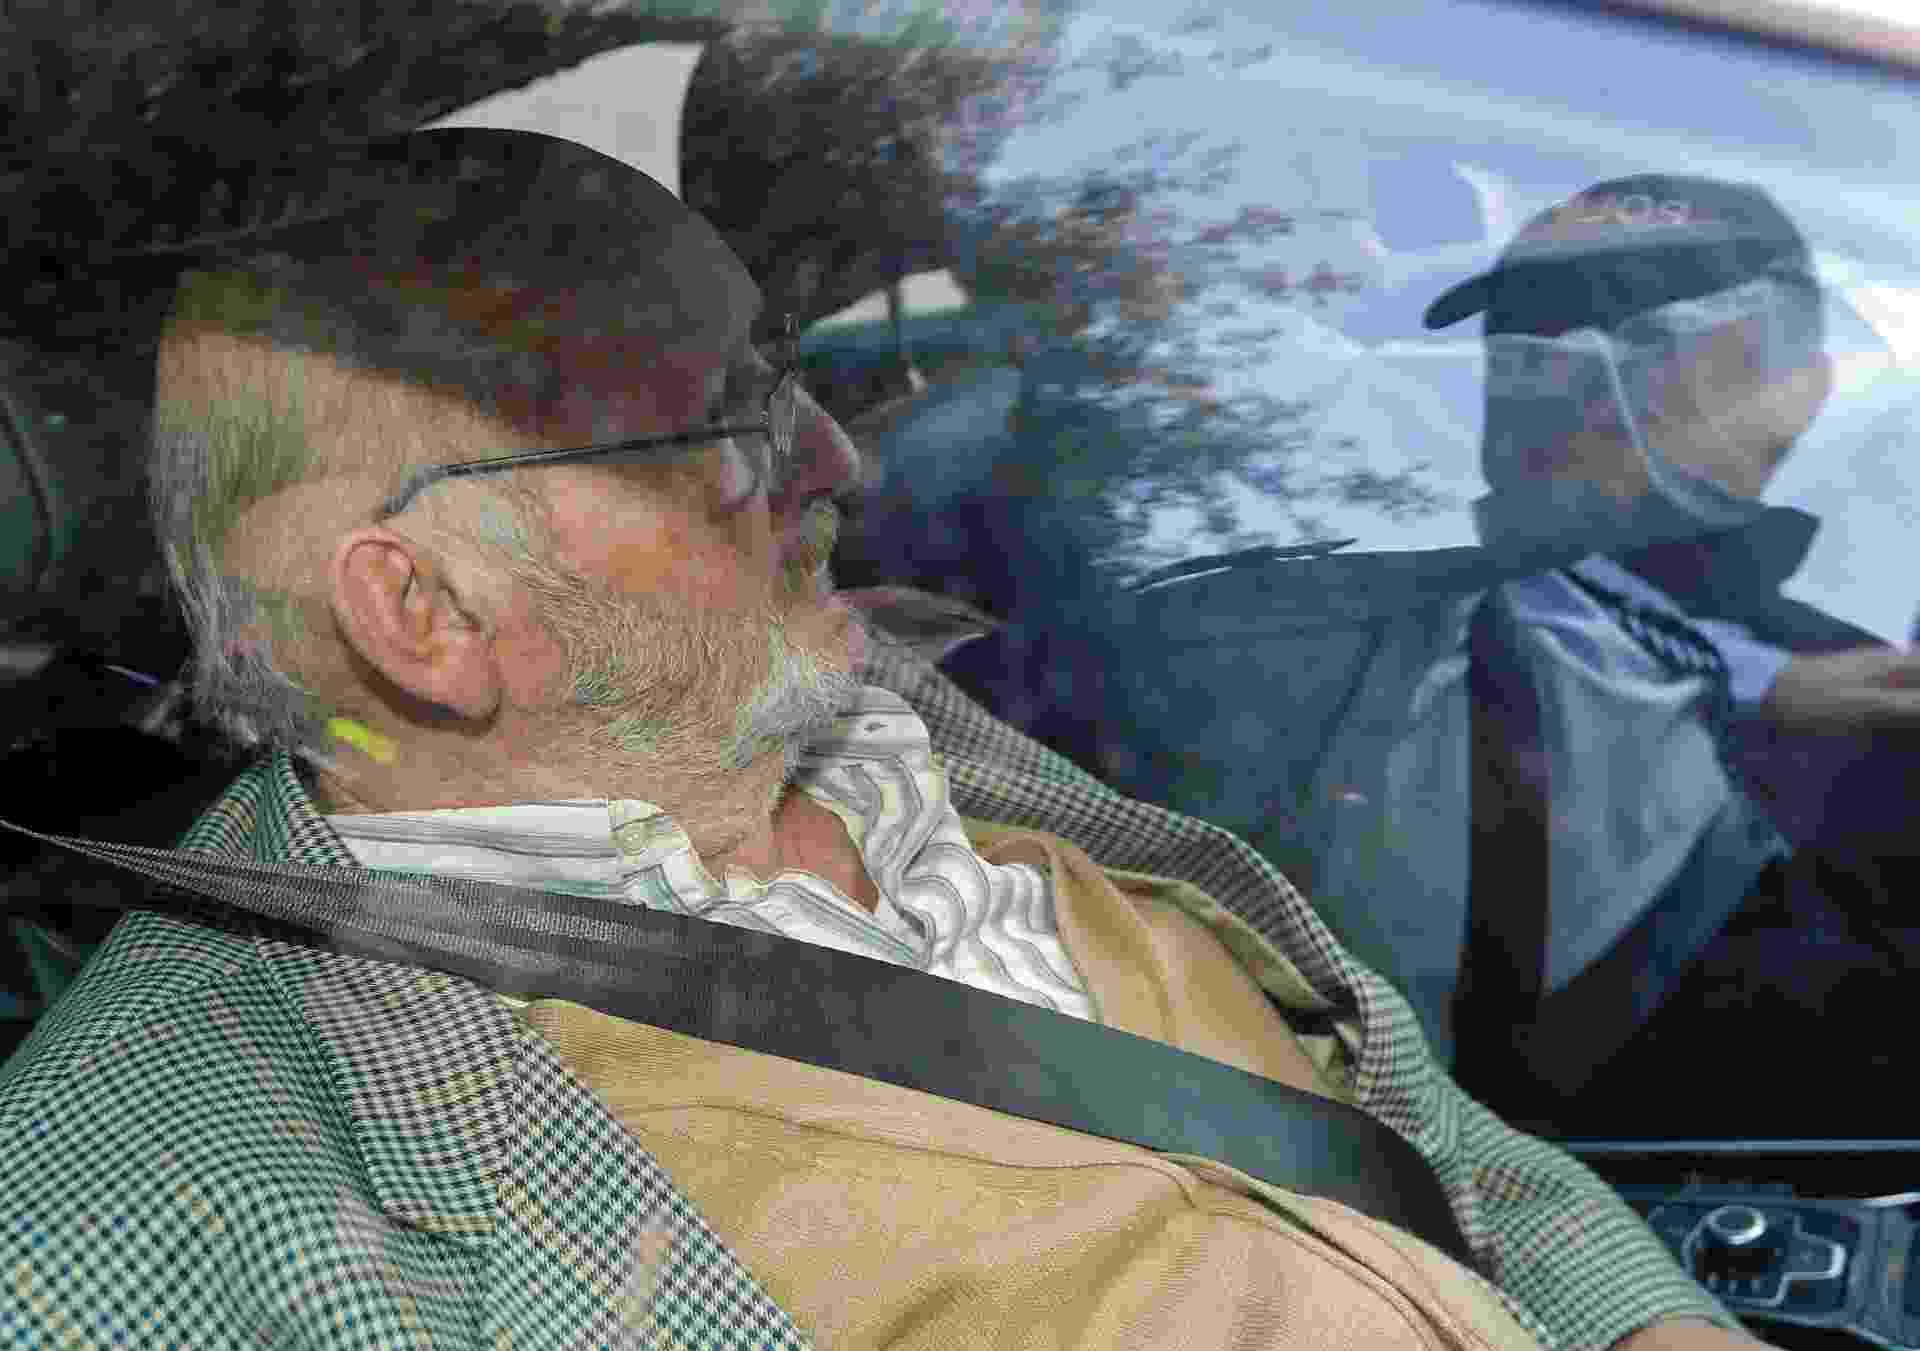 O fundador da empresa Poly Implant Prothese (PIP), Jean-Claude Mas, deixa a corte de Marselha, na França, após ser condenado a quatro anos de prisão por comercializar implantes com silicone industrial. Seus produtos foram usados por cerca de 300 mil mulheres ao redor do mundo  - Reuters/Jean-Paul Pelissier